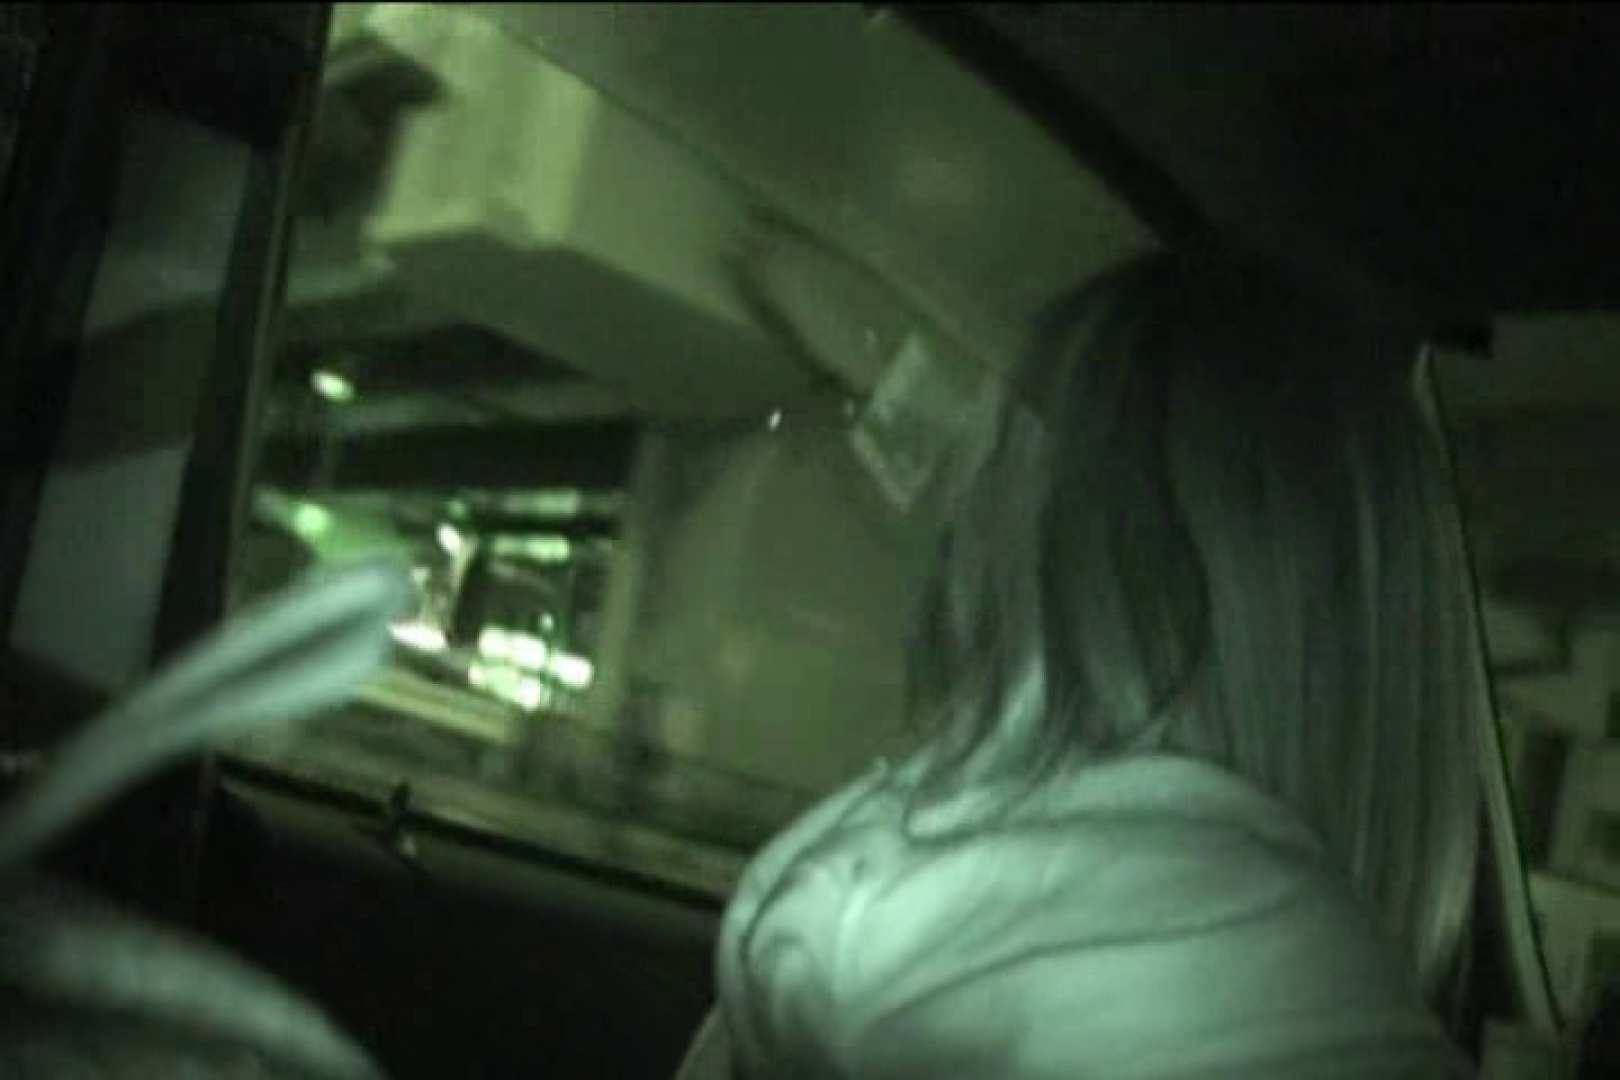 車内で初めまして! vol03 0  91pic 32